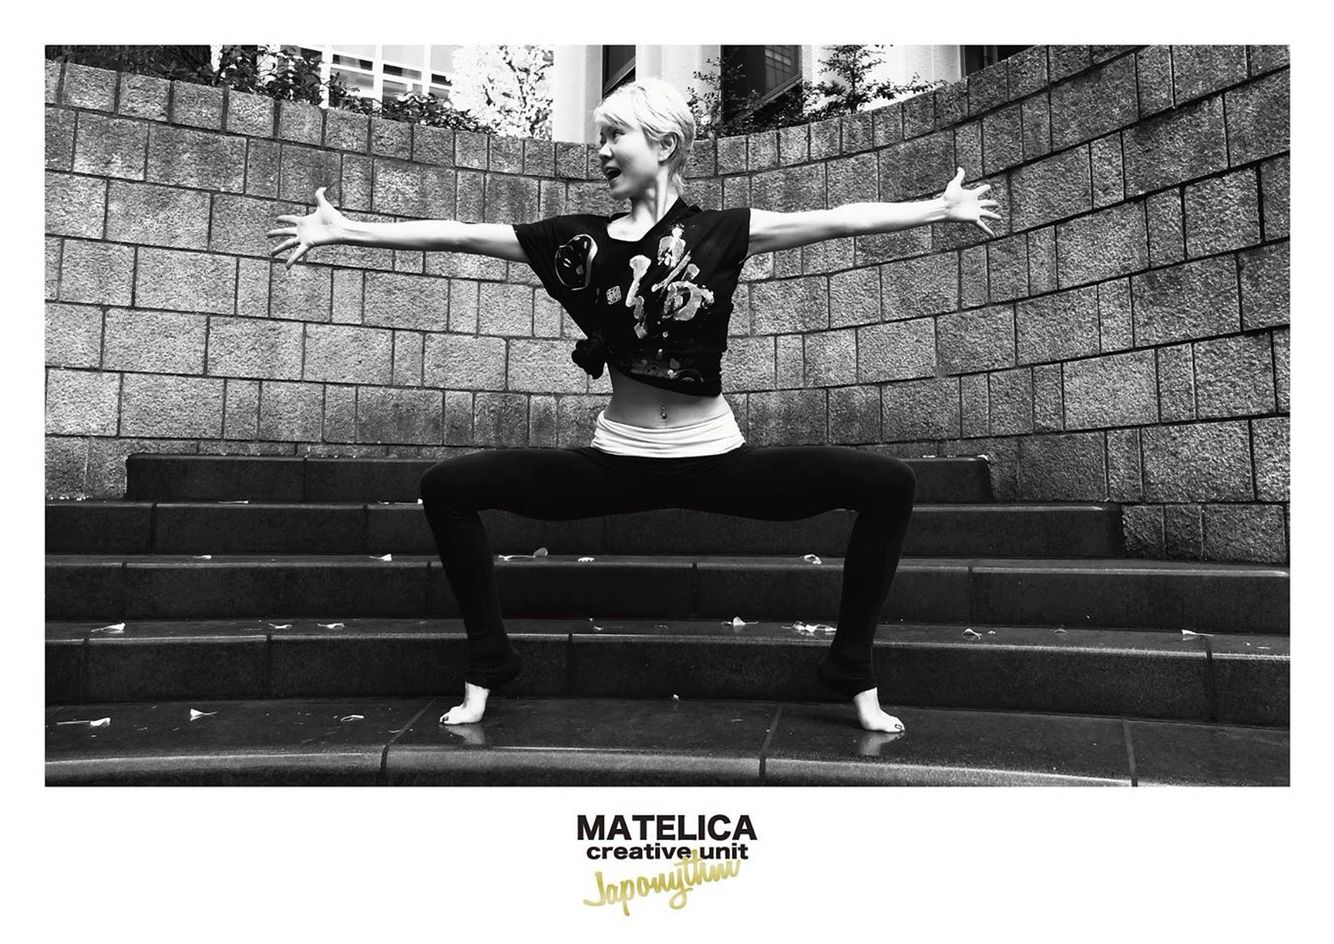 直yogajaponythm × MATELICA in nihobashi #MATELICA#言霊 #直yogajaponythm#腹活#ハラカツ